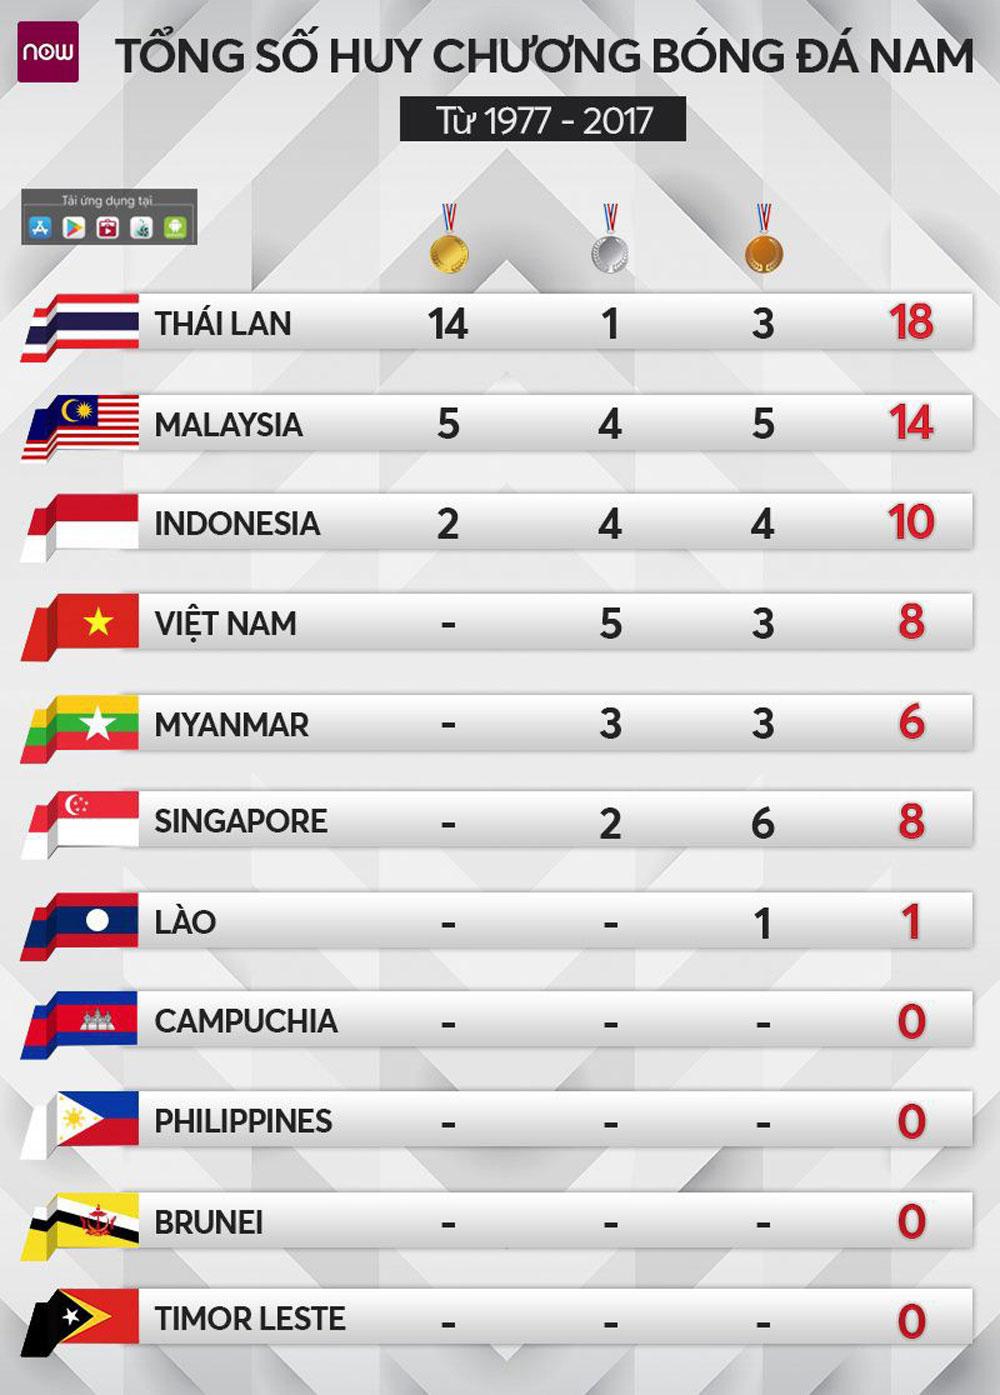 Xếp hạng thành tích, bóng đá nam, SEA Games, Việt Nam đứng thứ 4